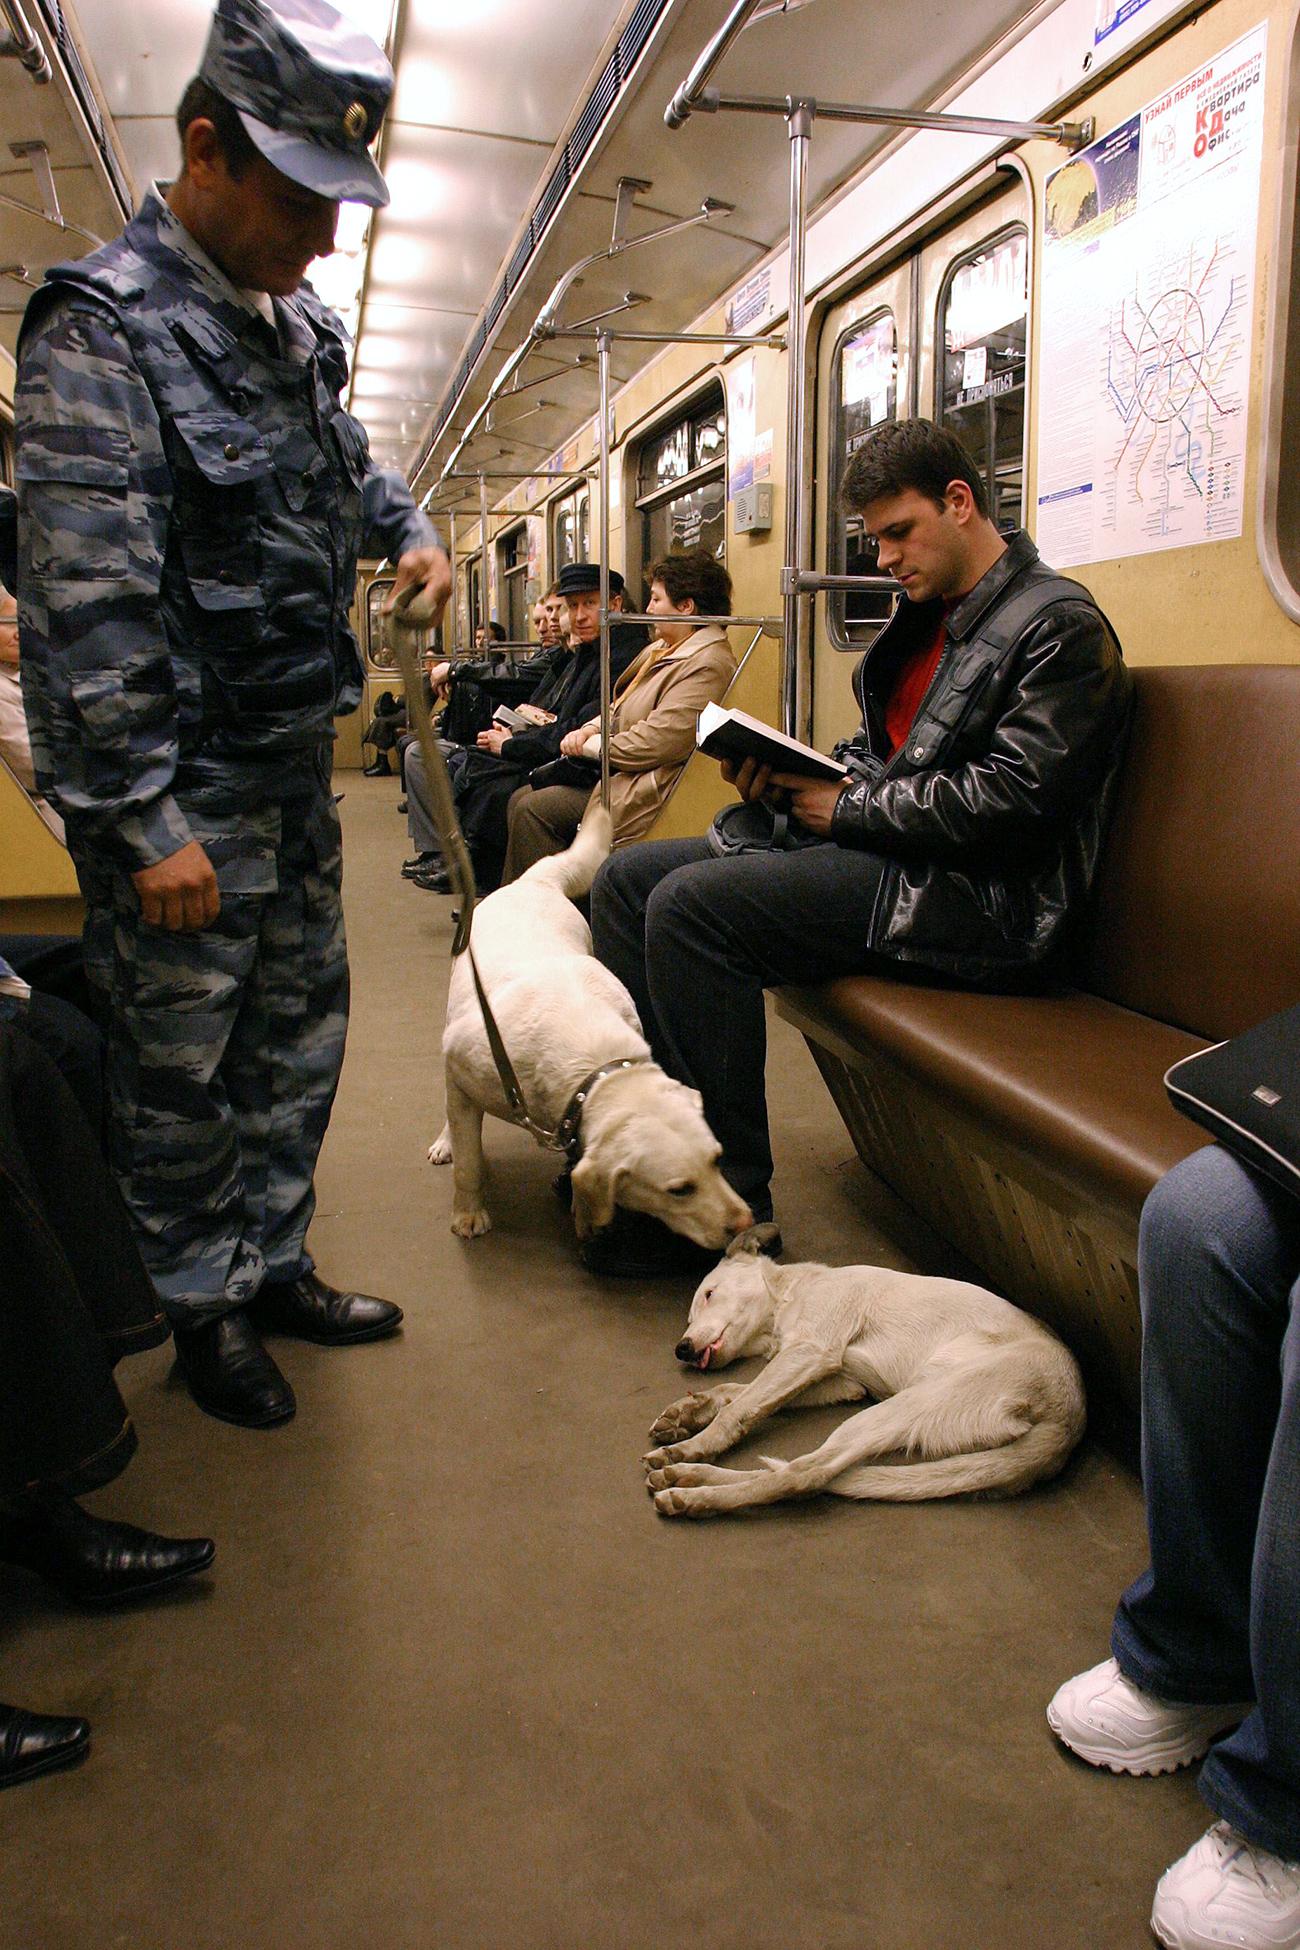 Unità cinofile nella metro di Mosca\n